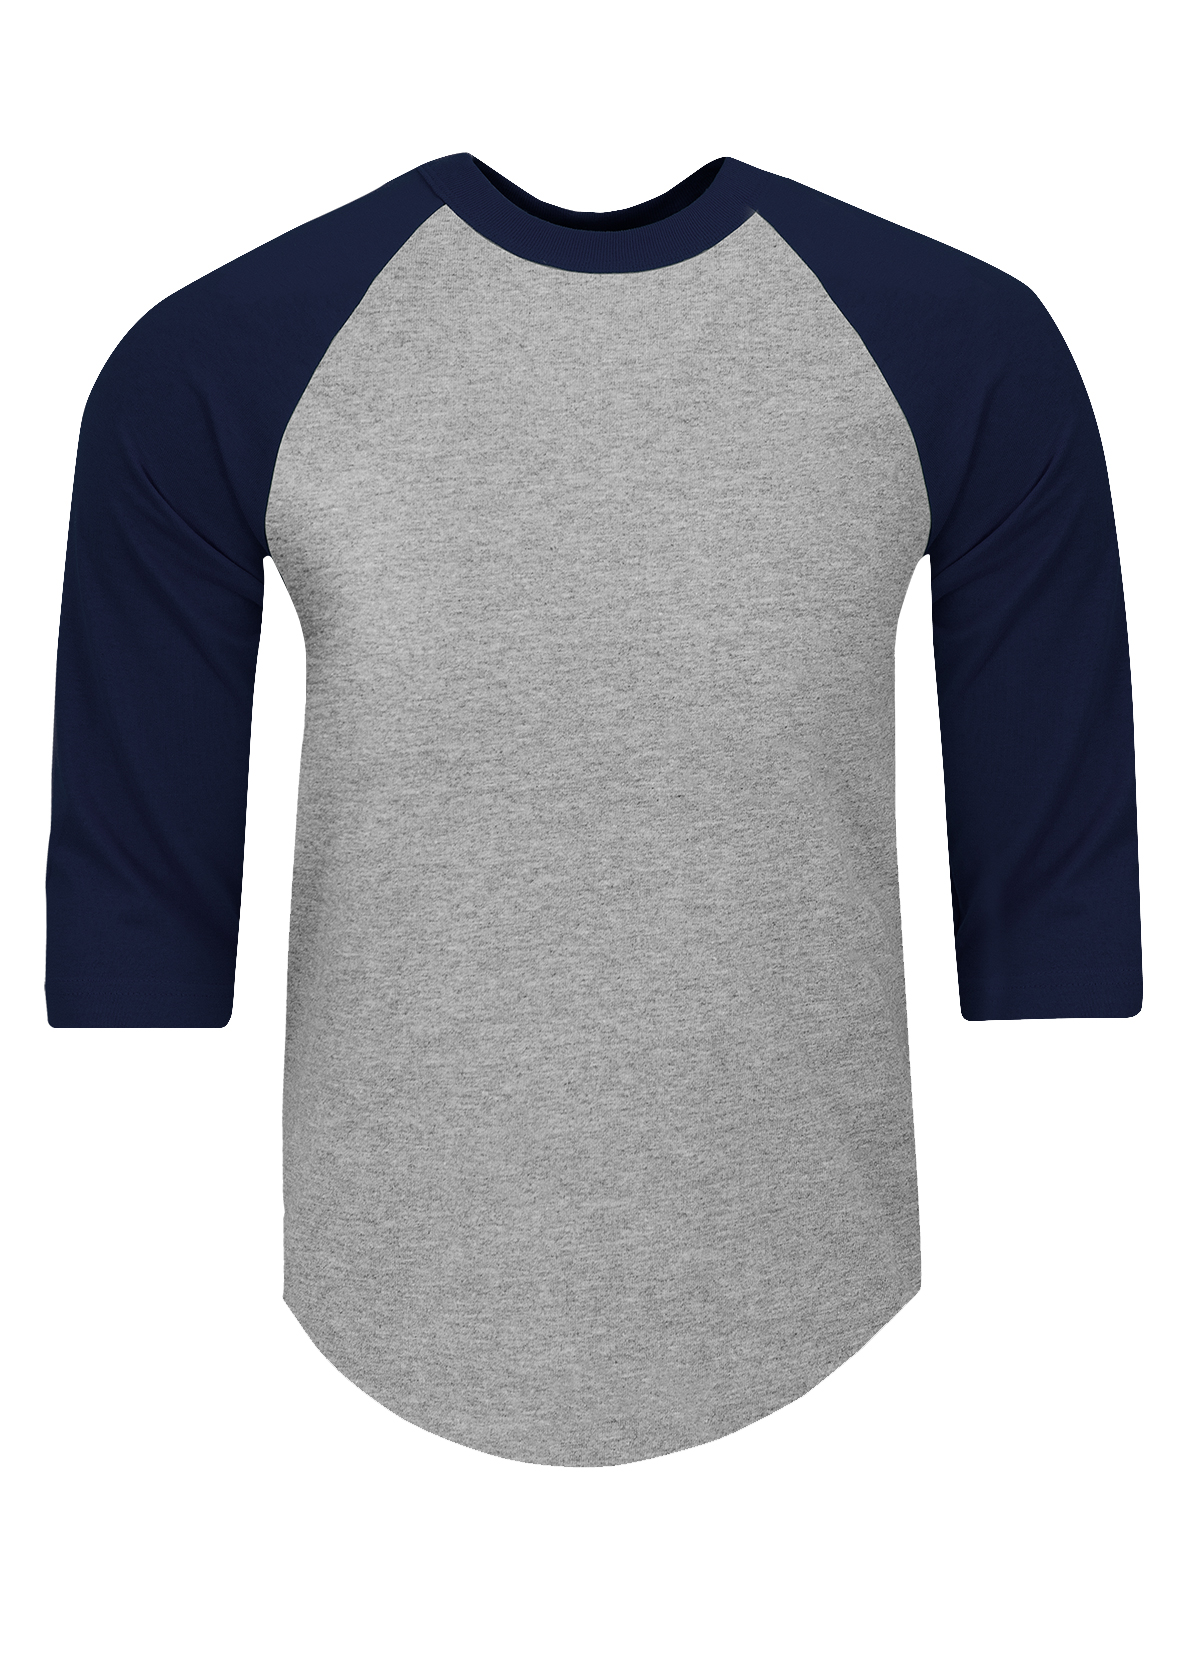 Mens New Top Raglan Long Sleeve 2 Colour Fashion Curved Hem Tshirt Baseball